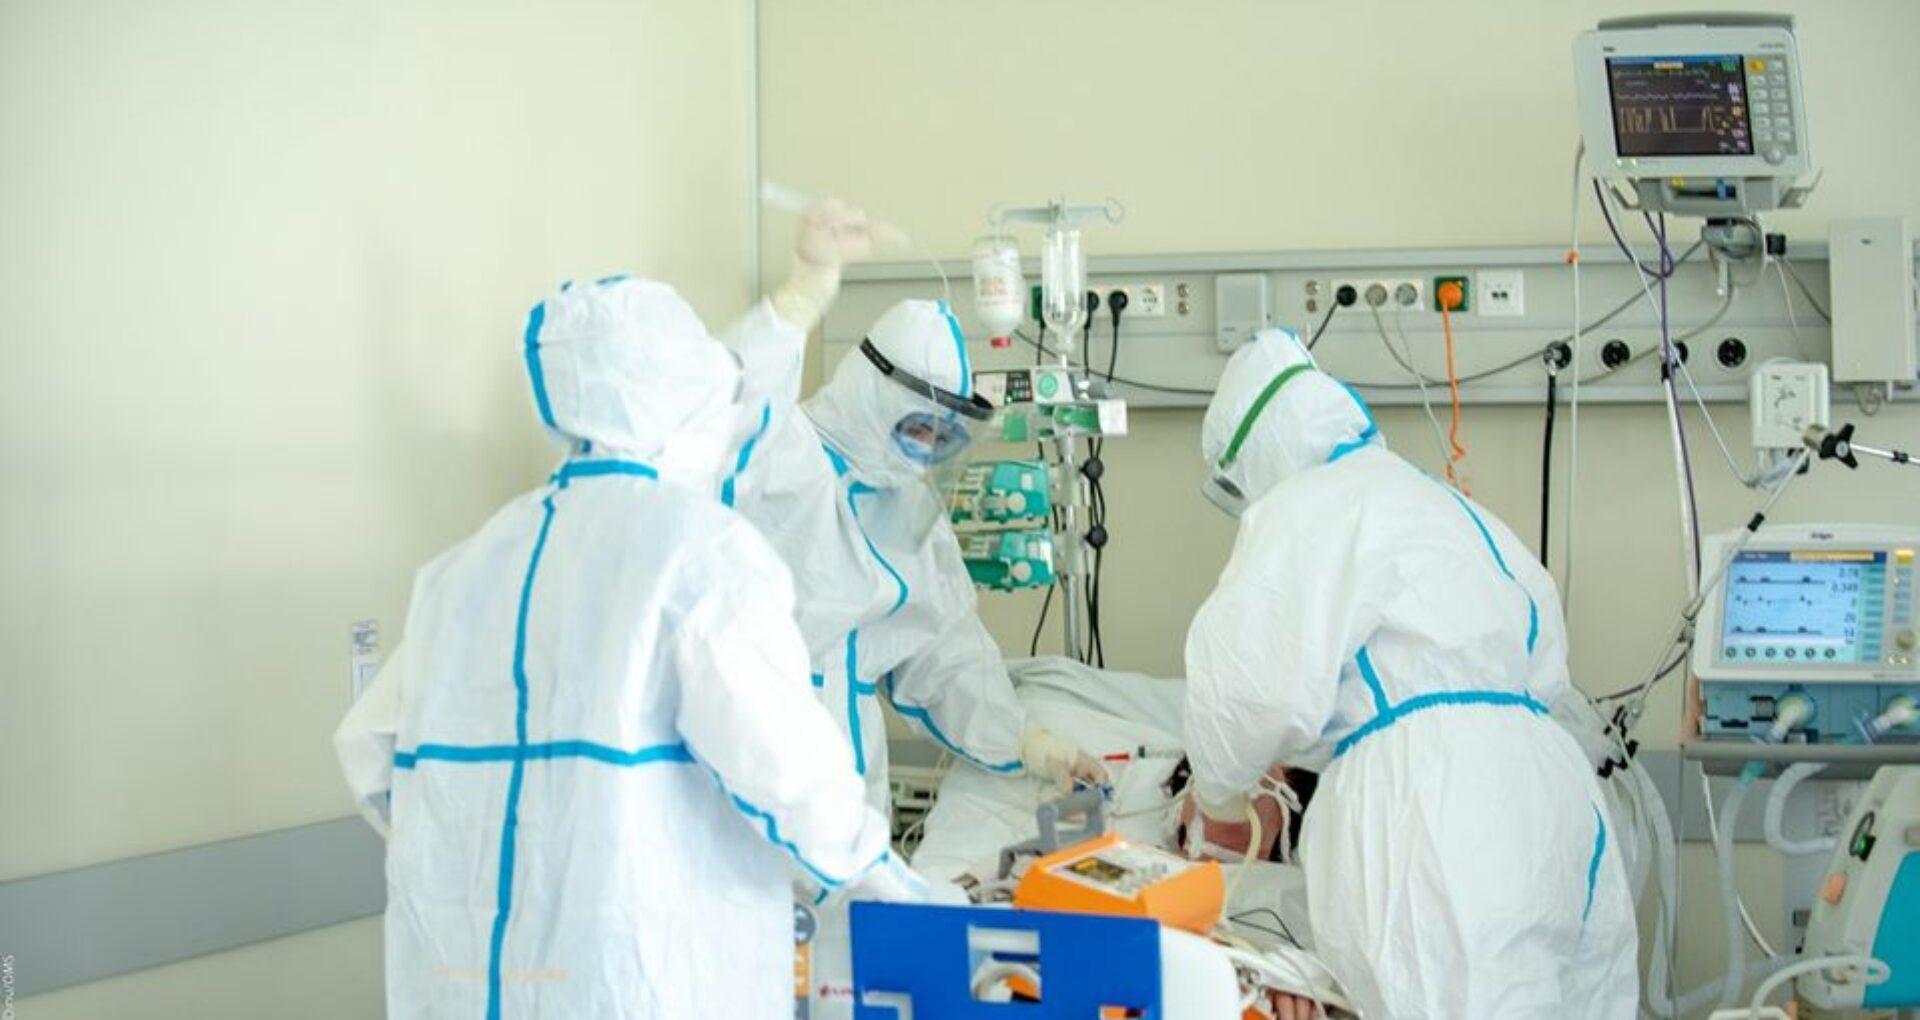 Alte 44 de persoane au decedat din cauza complicațiilor provocate de COVID-19 în ultimele 24 de ore